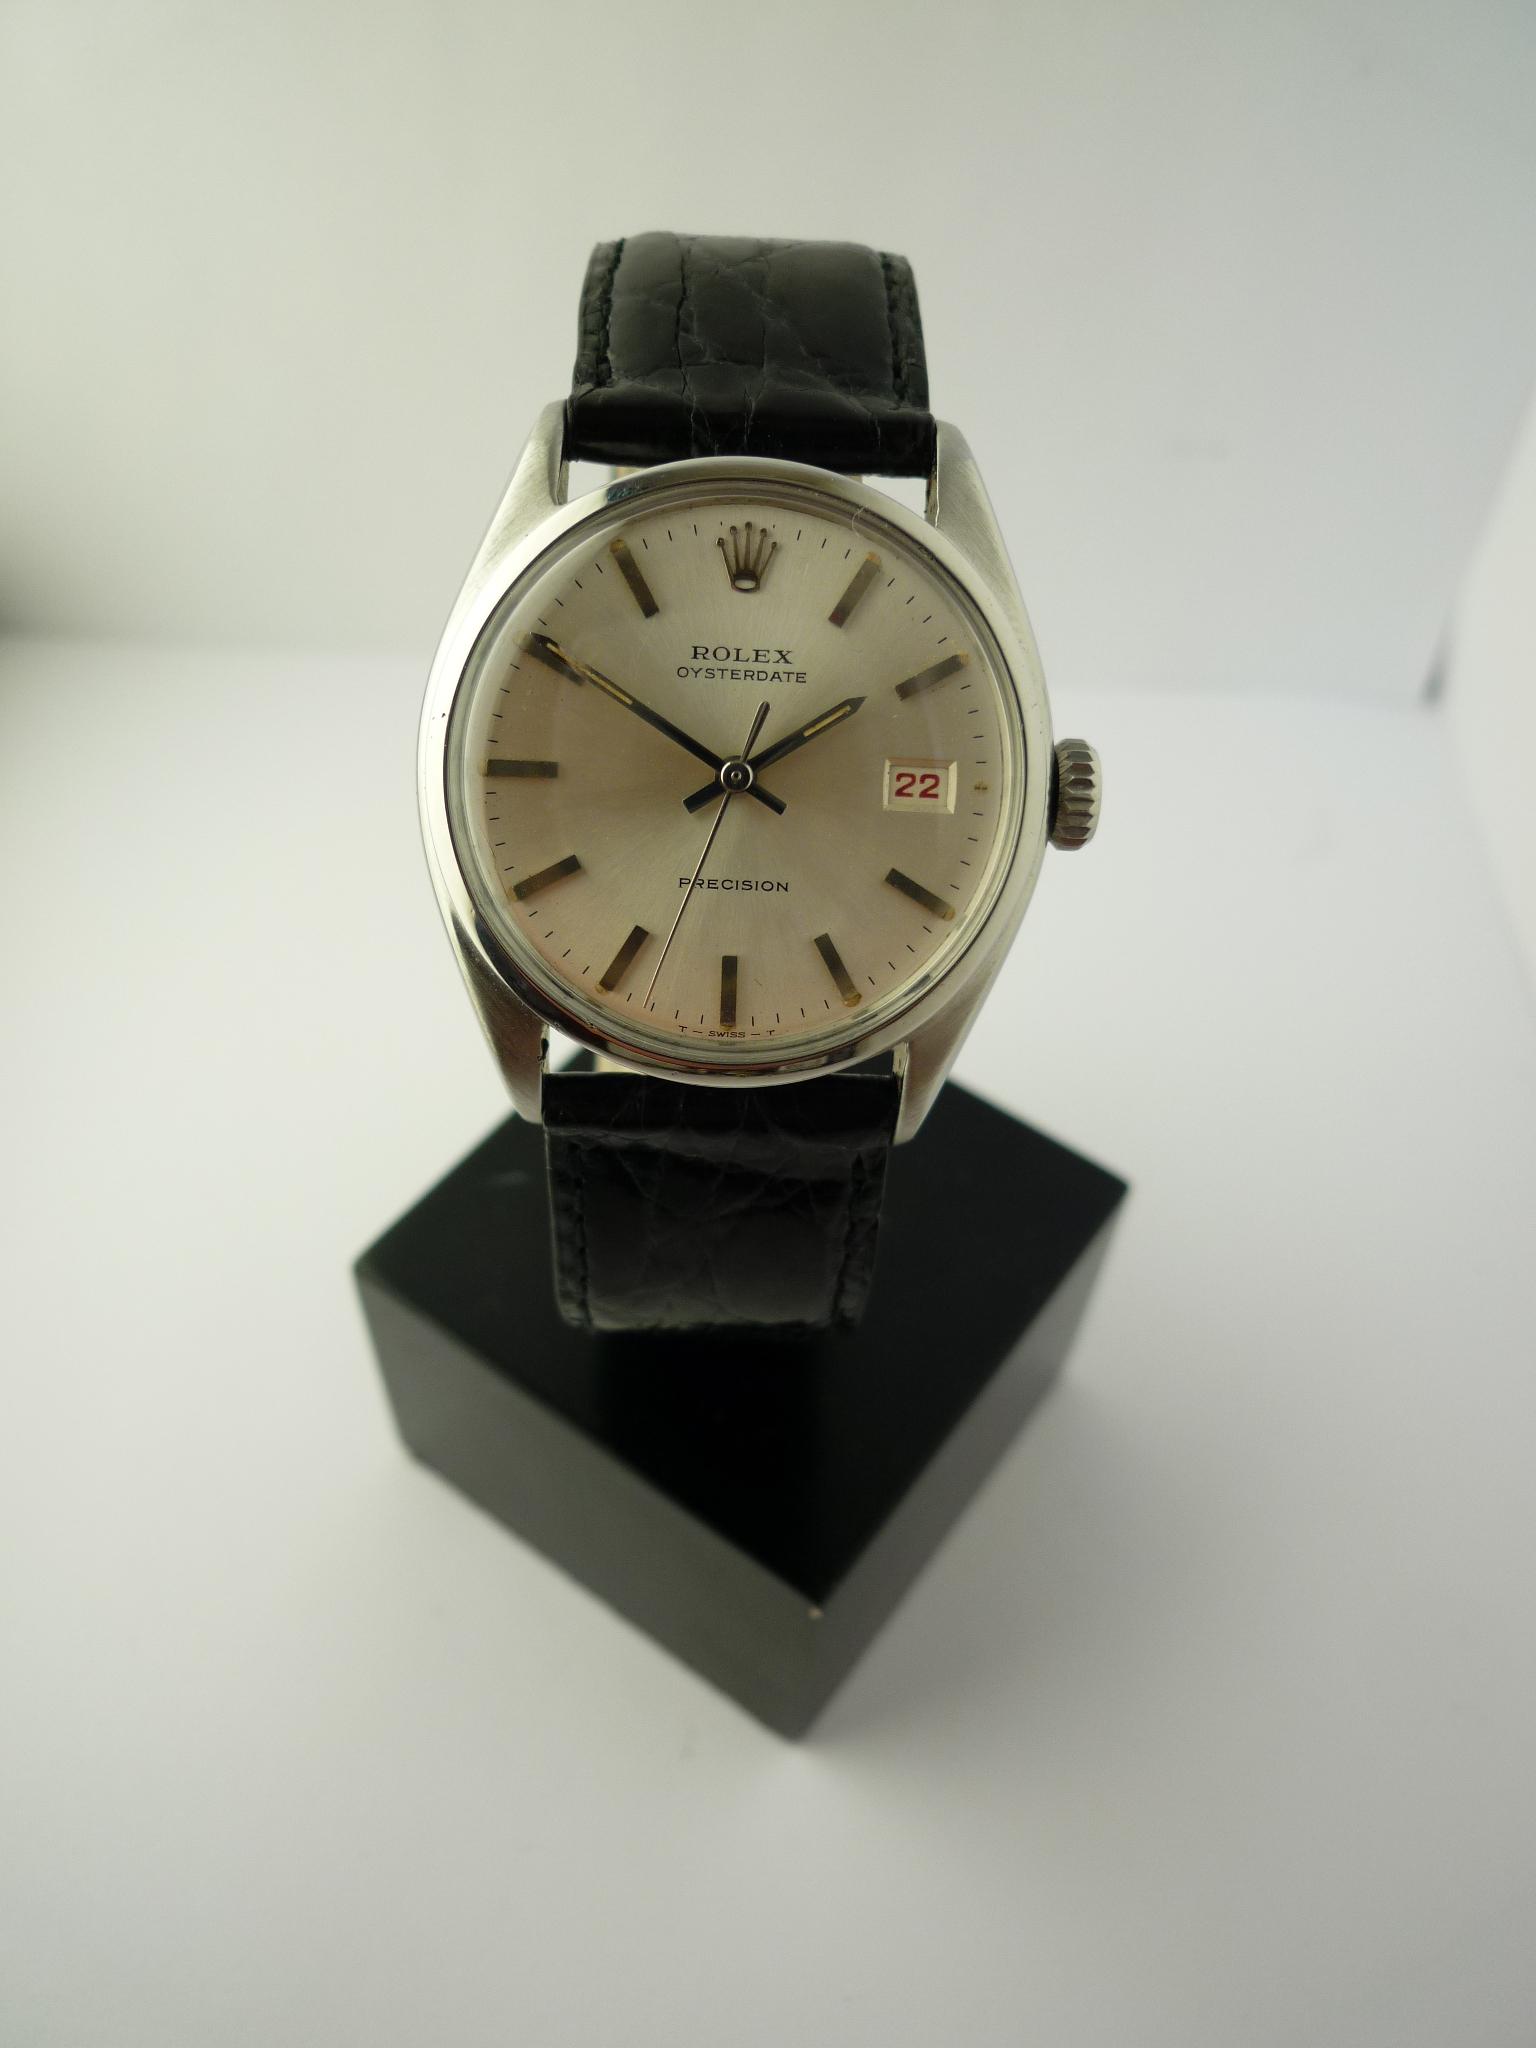 Rolex Oysterdate Precision ref 6094 (1967)